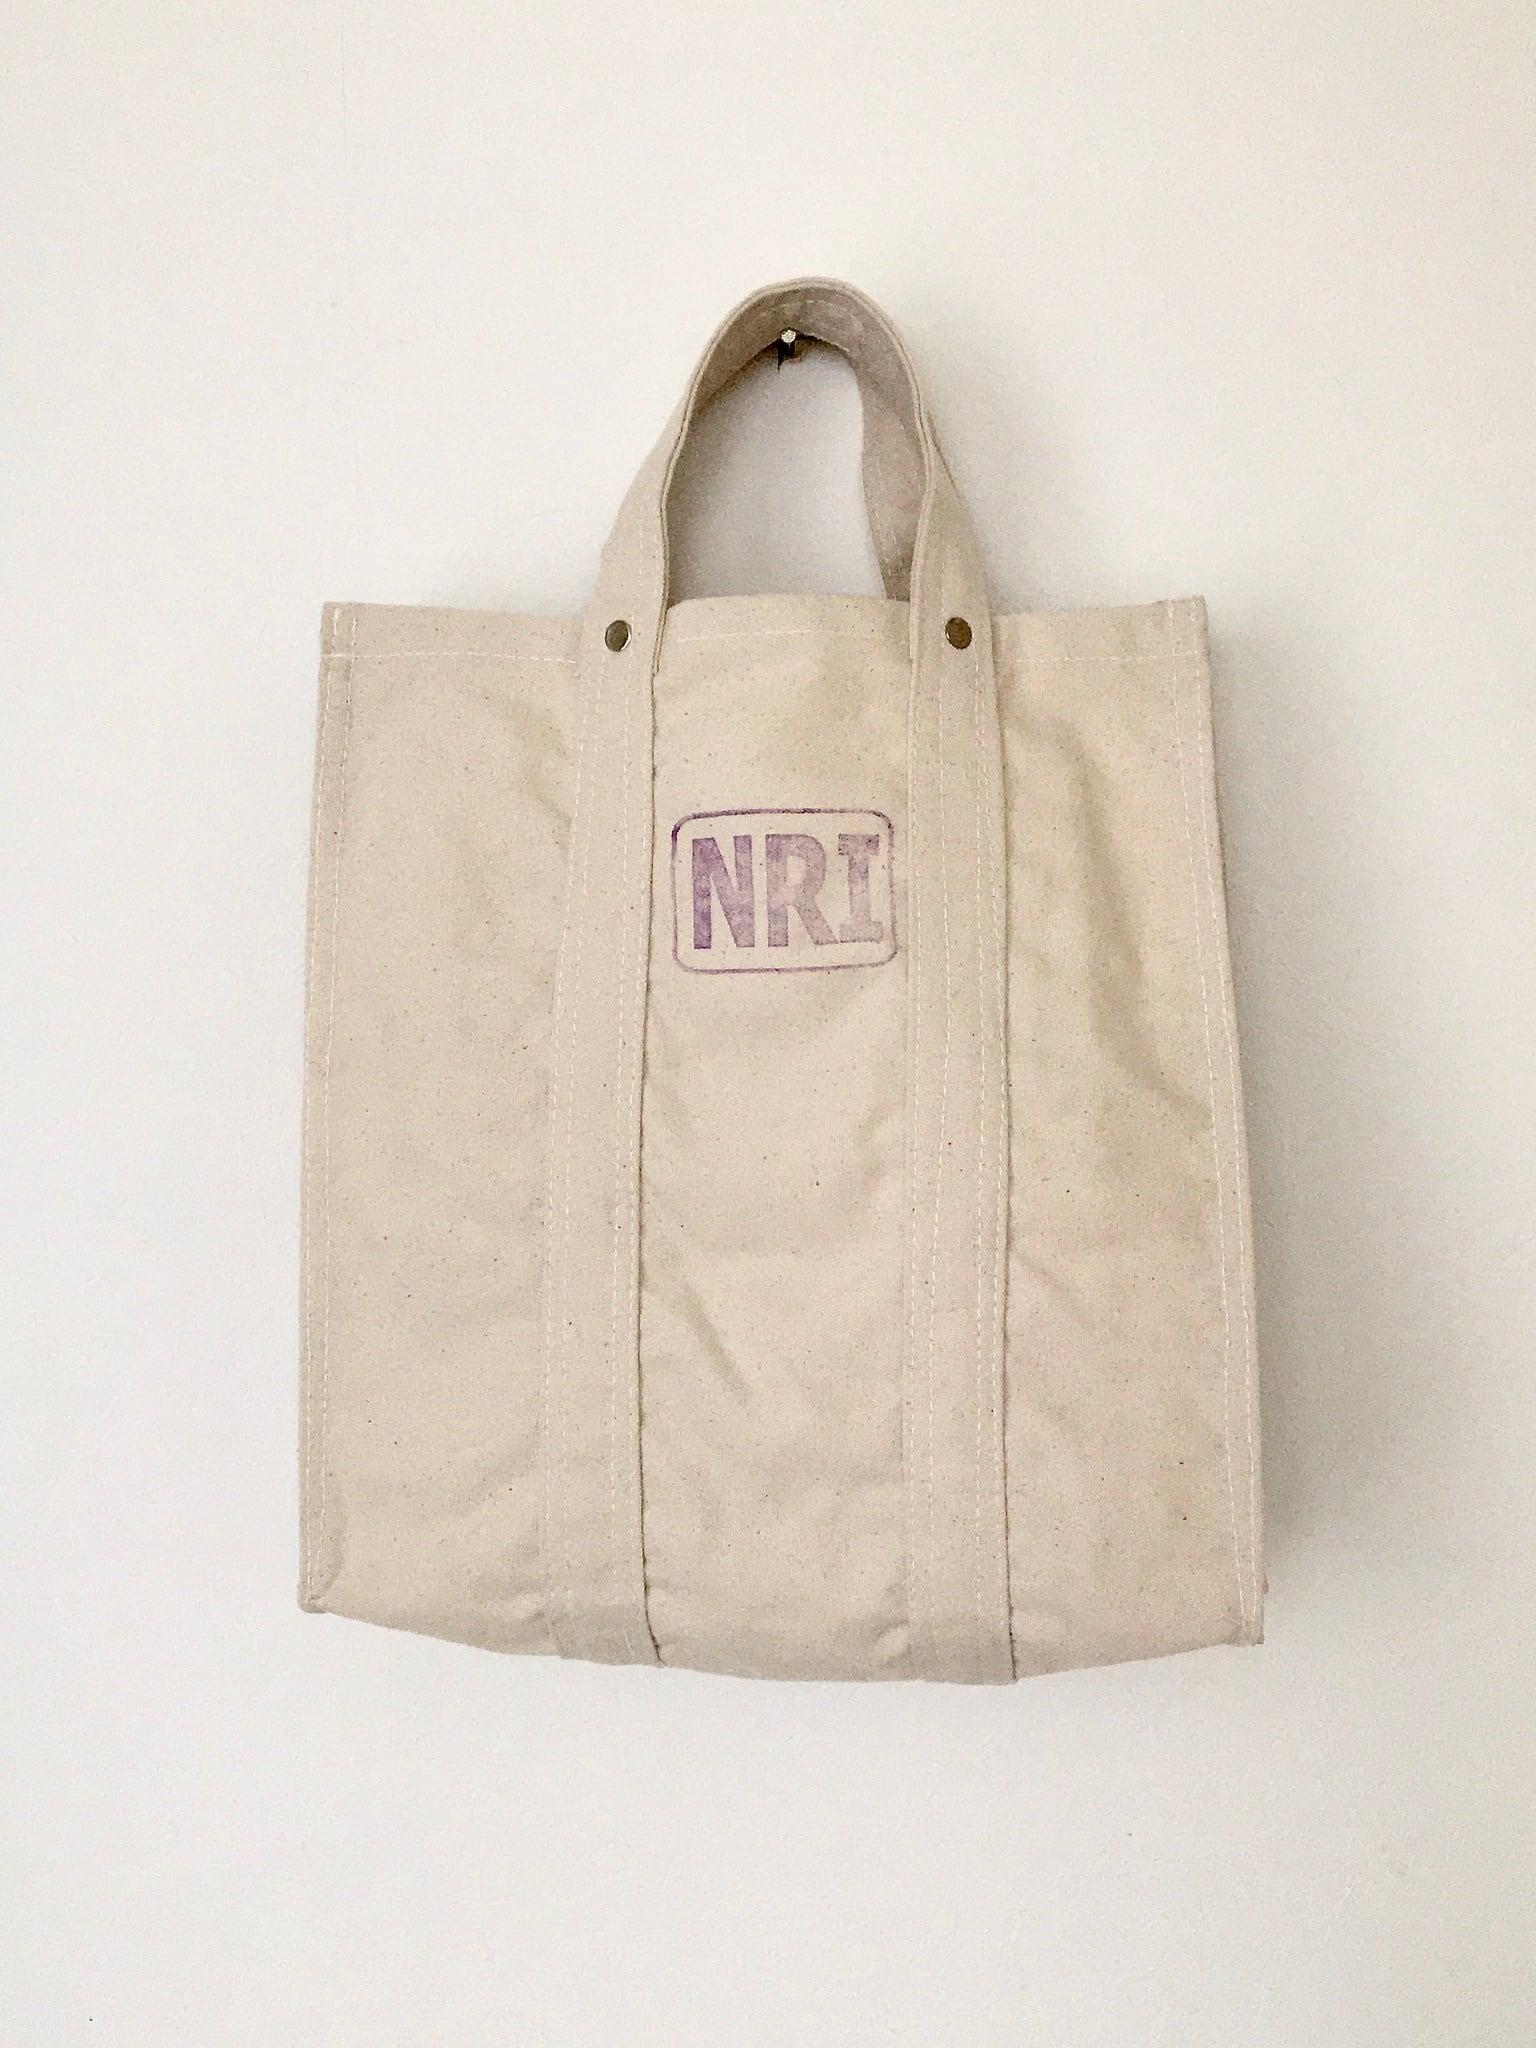 労働者のトートバッグ オフホワイト|Labour Tote Bag Off White(PUEBCO)